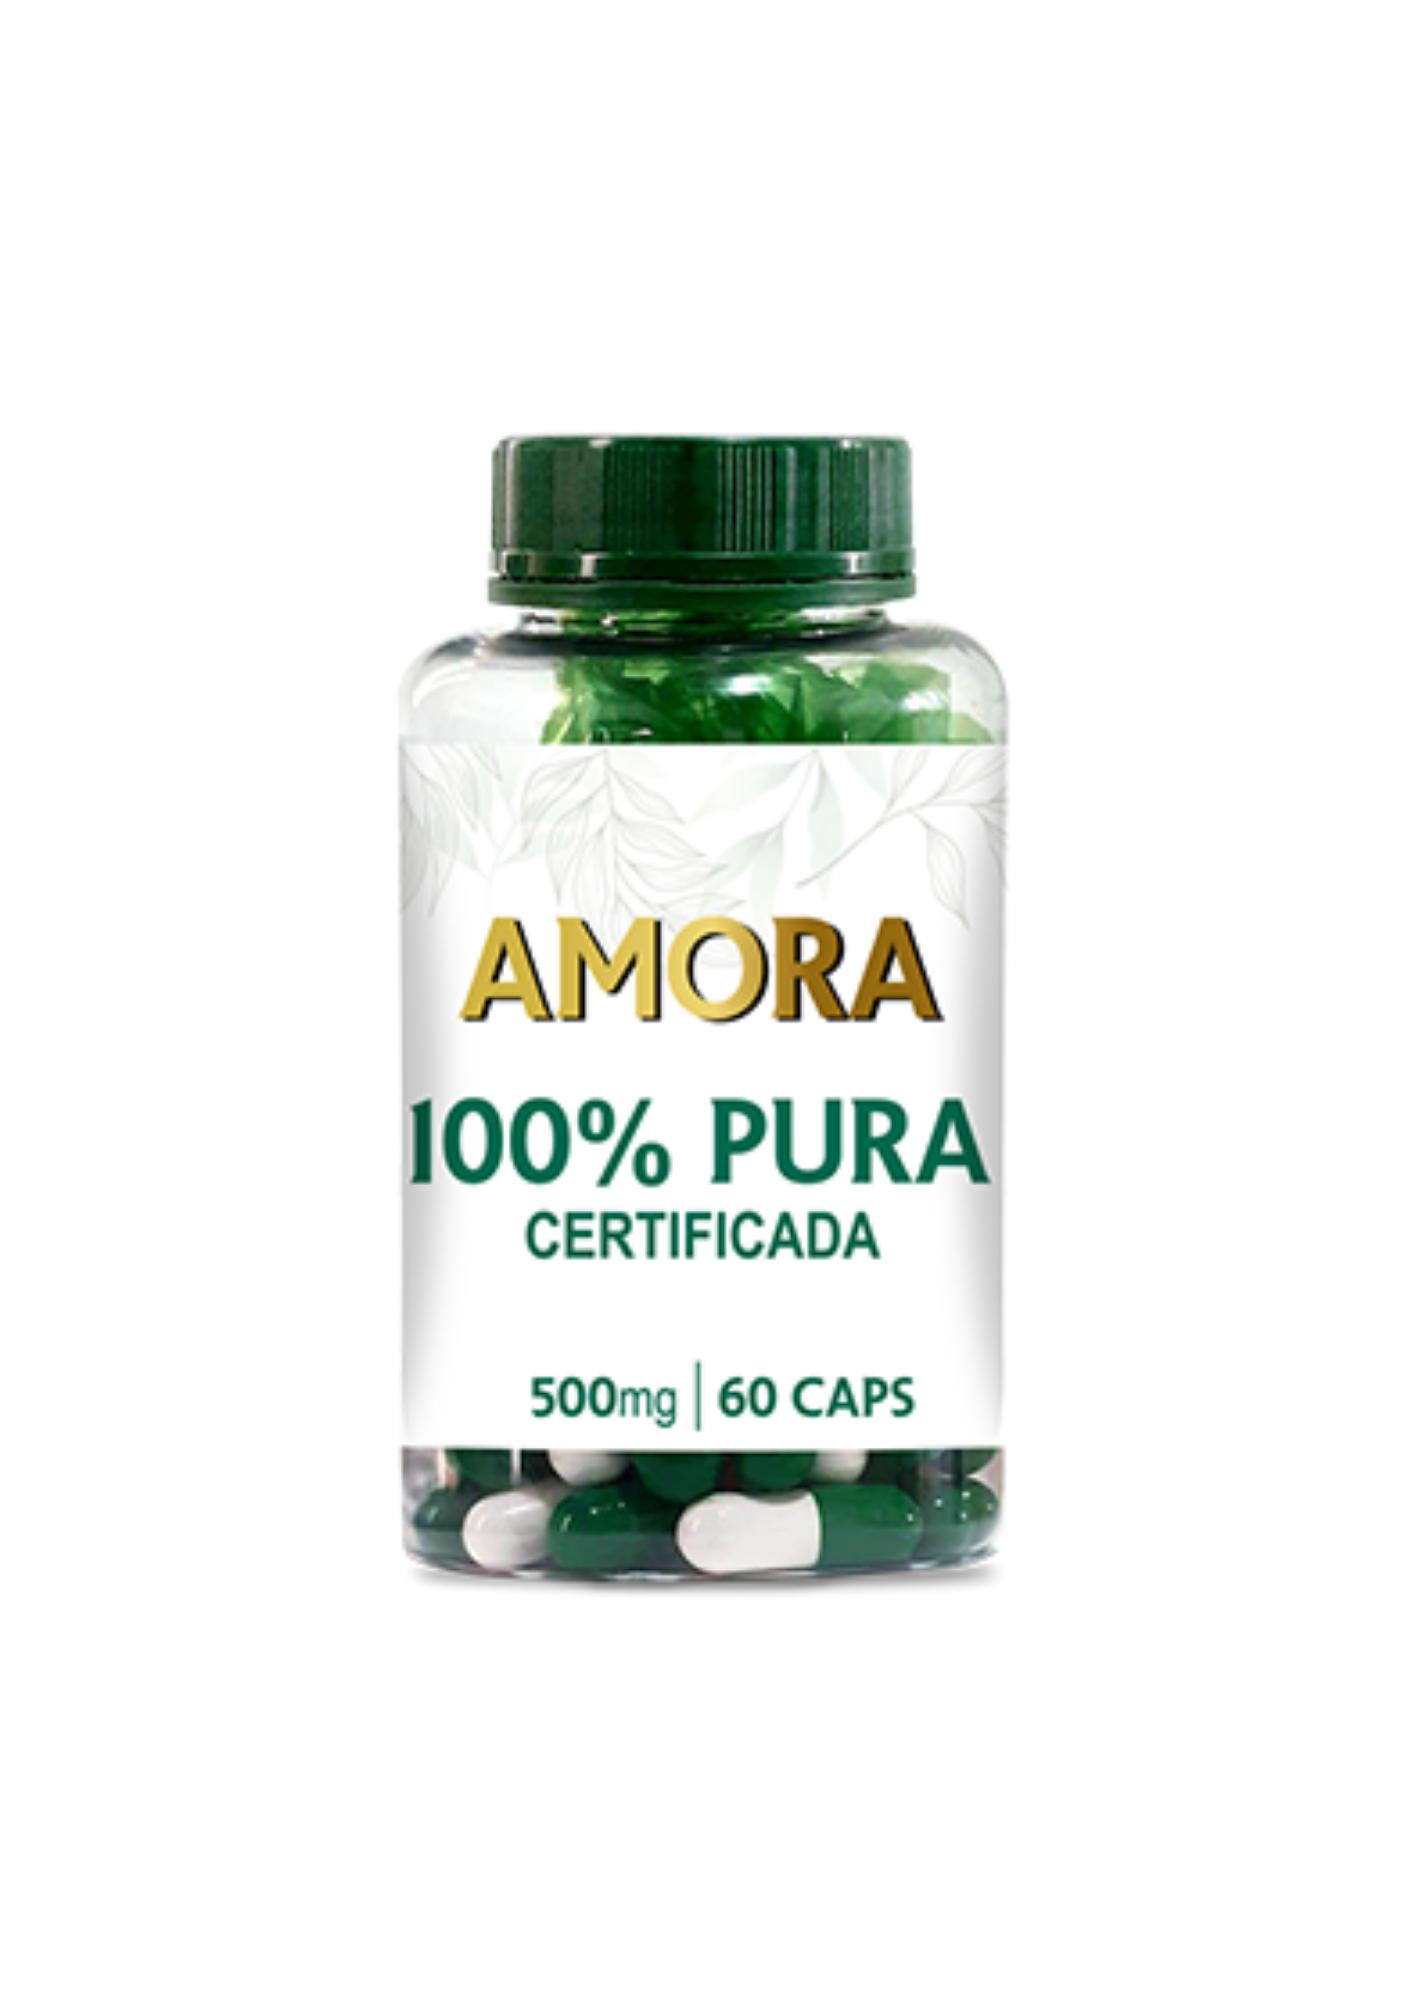 Extrato Puro de Amora 500mg<br>Linha de Cápsulas Fitoterápicas - R$ 47,25